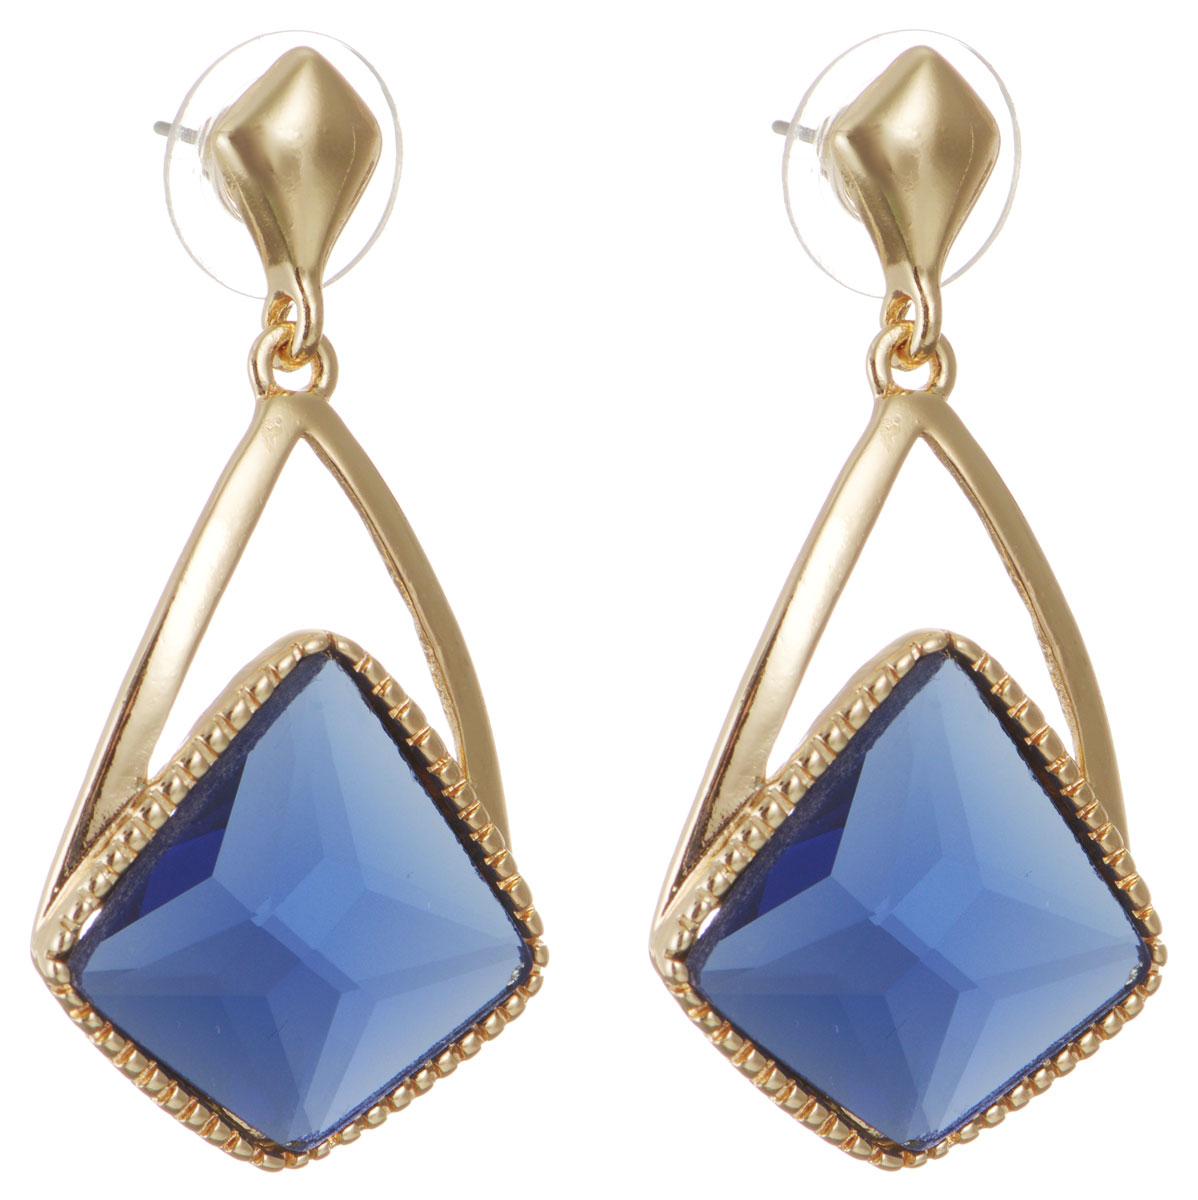 Серьги Taya, цвет: золотистый, синий. T-B-10740-EARR-GL.D.BLUET-B-10740-EARR-GL.D.BLUEОригинальные серьги Taya, выполненные из металлического сплава в виде подвесок в форме капли декорированной крупным кристаллом необычной формы, придадут вашему образу изюминку, подчеркнут красоту или преобразят повседневный наряд. Застегиваются на замок-гвоздик с пластиковой заглушкой. Такие серьги позволят вам с легкостью воплотить самую смелую фантазию и создать собственный, неповторимый образ.